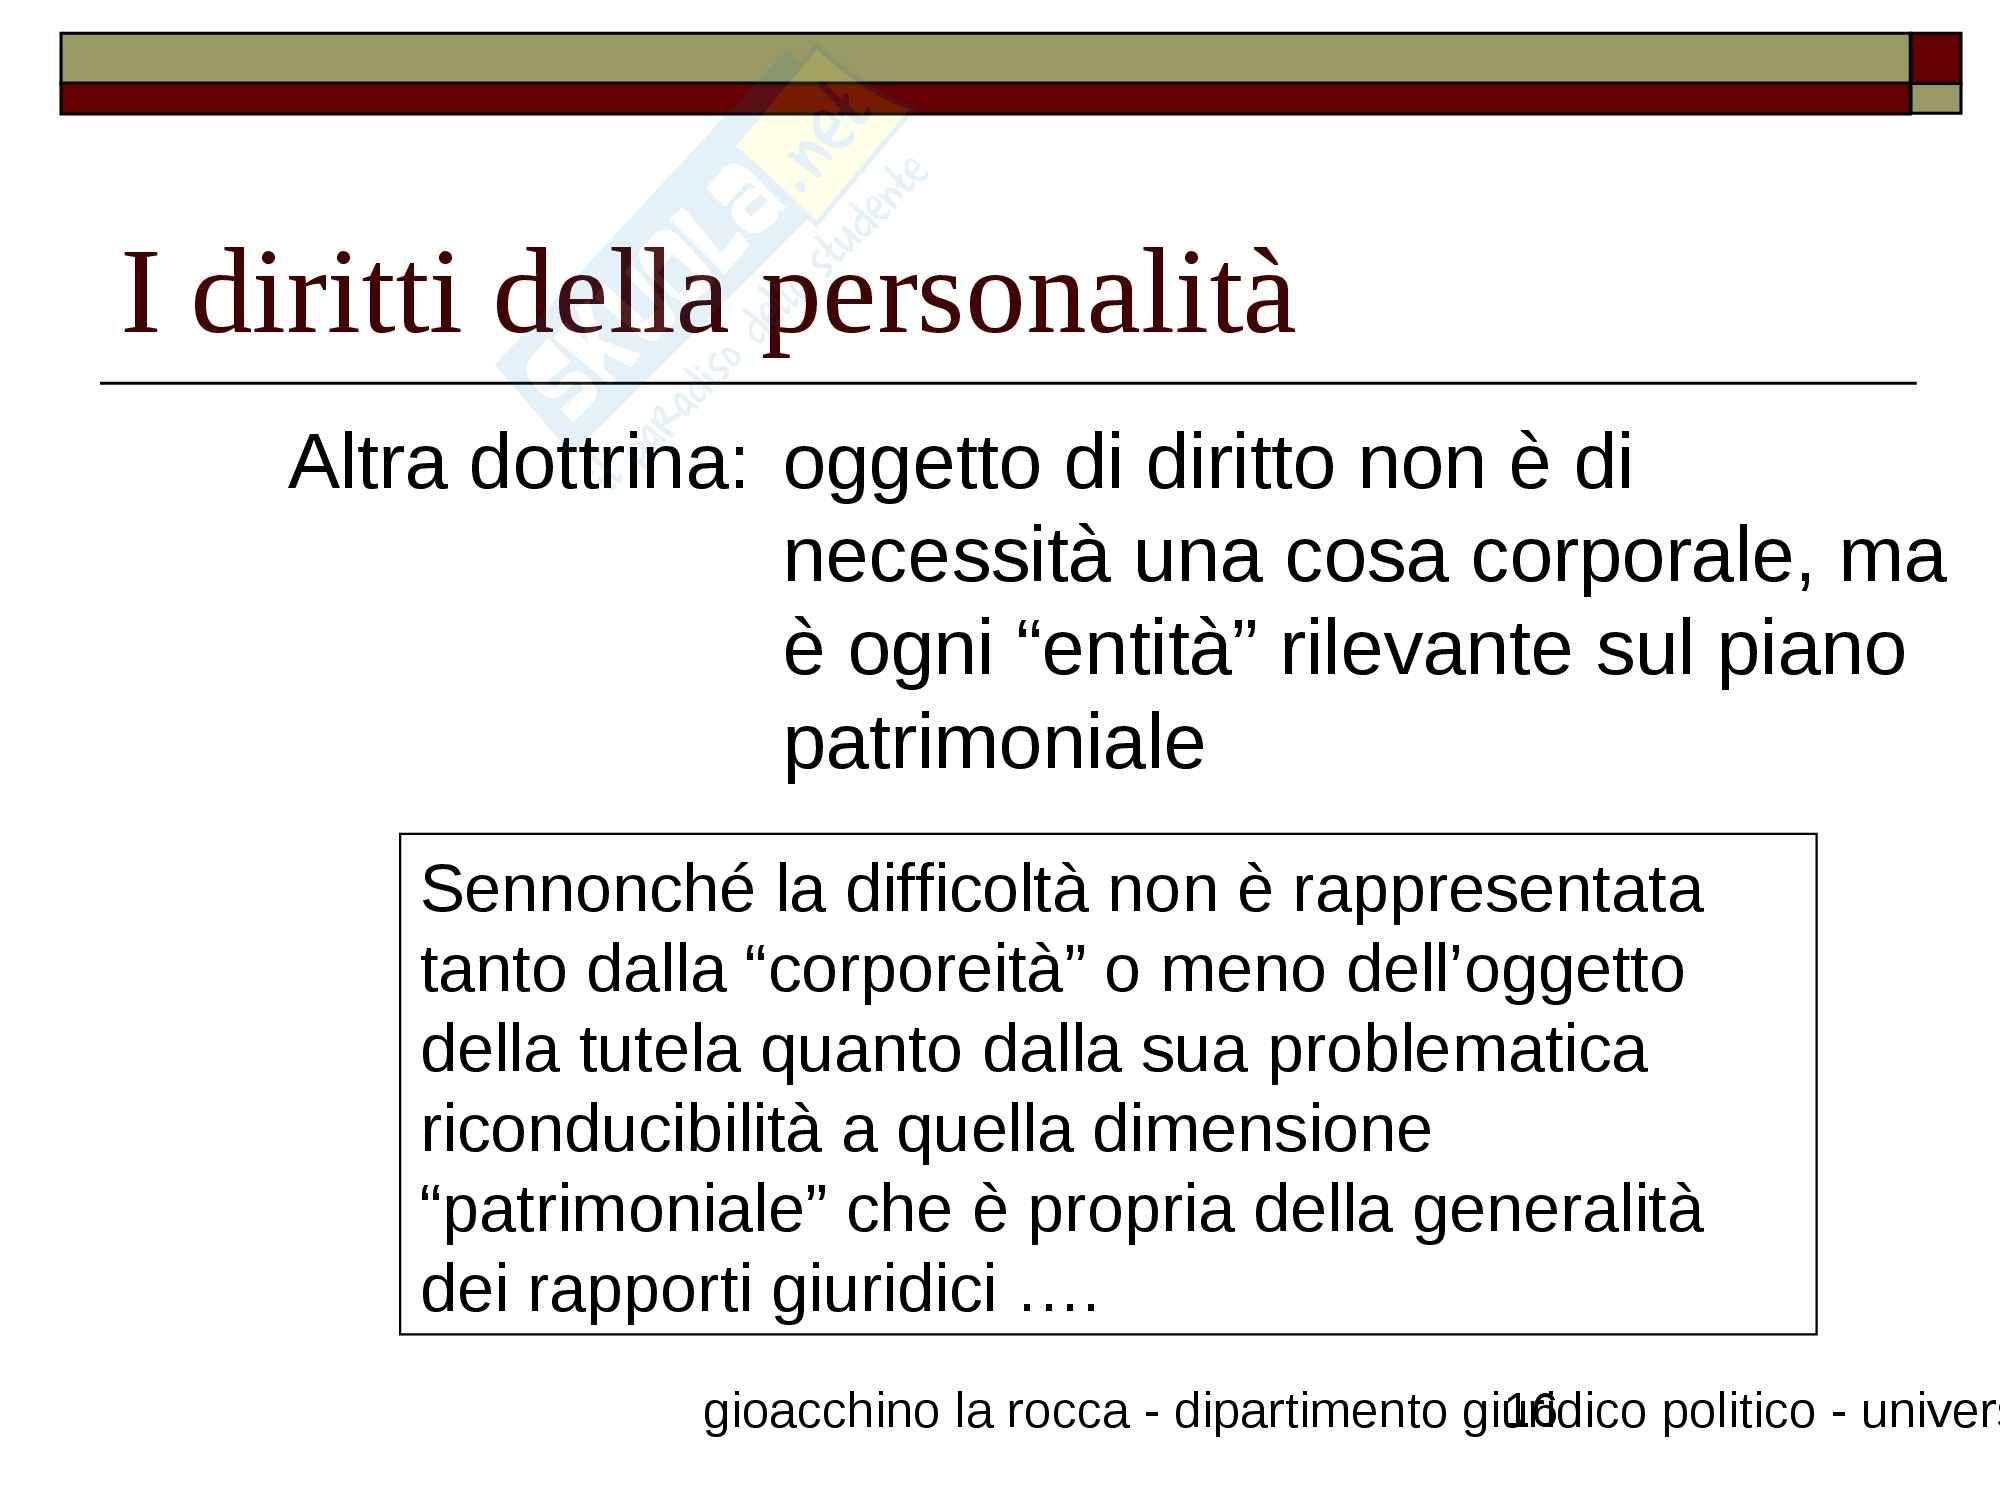 Diritti della personalità Pag. 16